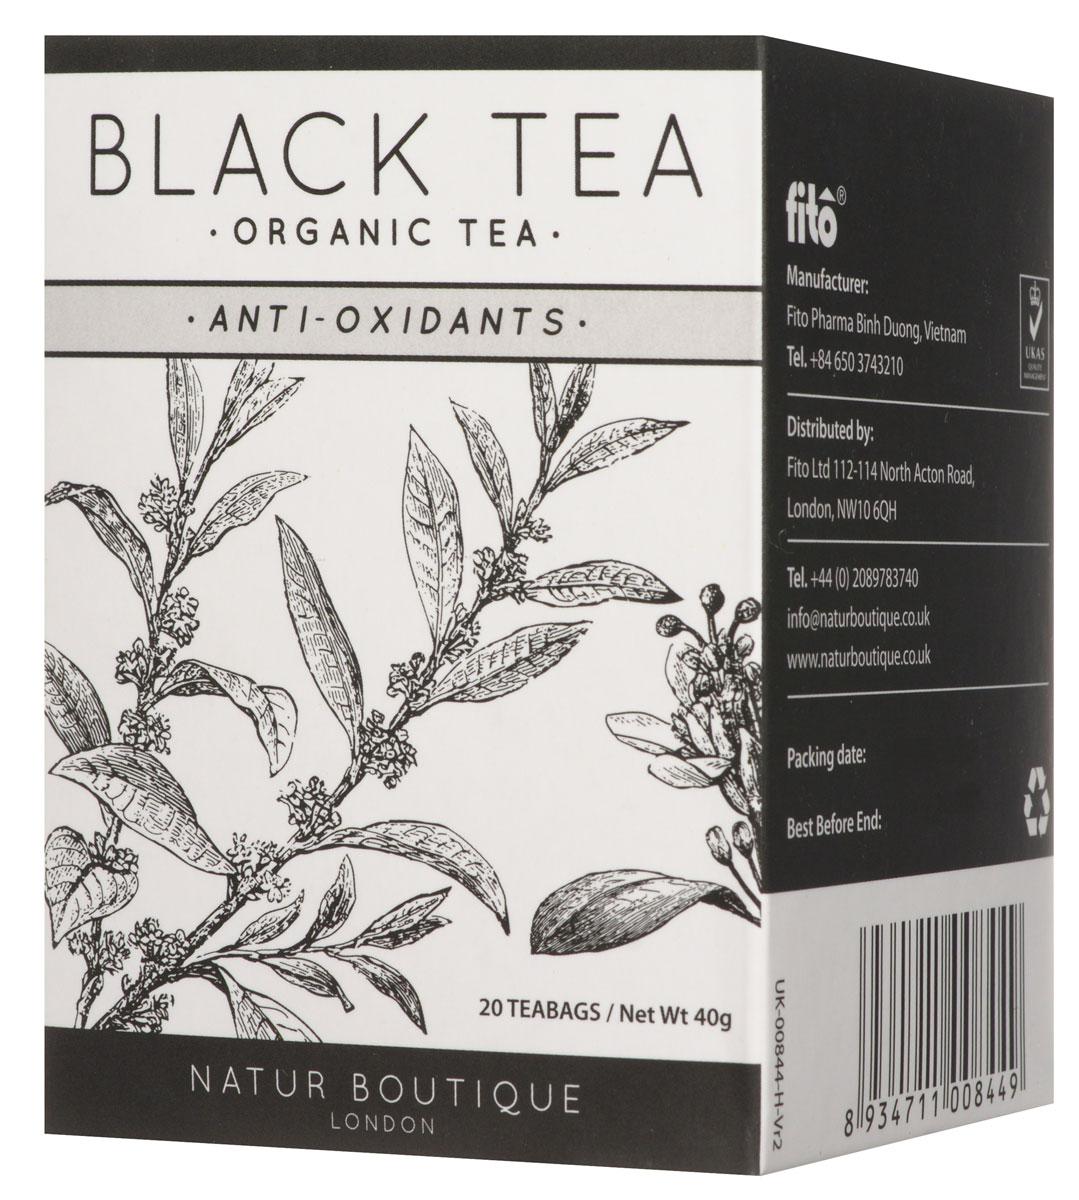 Natur Boutique Black Tea Organic органический черный чай, 20 пакетиков254Черный чай Natur Boutique Black Tea Organic содержит в себе большое количество антиоксидантов. Выращенный в горах, он был собран вручную, правильно высушен и ферментирован, что позволило создать по-настоящему безупречный аромат. Чем так отличен именно этот черный чай?Сорт Шан Ти стал очень популярным как в Азии, так и по всей Европе, что достигается благодаря его органике и уникальному вкусу. Уровень антиоксидантов в этом сорте значительно выше, чем в продуктах не высокогорного происхождения. Местные жители собирают его не более четырех раз в год, что помогает каждому листку как следует прорасти и набраться жизненной энергии гор. Каждый чайный пакетик придаст столько же наслаждения, сколько чай из рассыпной пачки. В его состав входят только высушенные высокогорные листья. Полное отсутствие каких-либо красителей и ароматизаторов!Польза для организма:Повышает жизненный тонусУлучшает психологическое и физическое состояние организмаНасыщает витаминами и отлично борется со свободными радикаламиУлучшает метаболизм, способствует нормализации весаЭтот черный чай выращивается в провинции Лао Кай, где за ним осуществляется постоянный контроль на основе уникальных органических методов. Чайное дерево удобряется компостом, а для достижения еще более высокого результат проводится обработка на основе специальных растительных экстрактов.После ручной сборки все листья сразу же отправляются на производство, где их ферментируют, закручивают, сушат и упаковывают в специальные пакеты.Всё о чае: сорта, факты, советы по выбору и употреблению. Статья OZON Гид